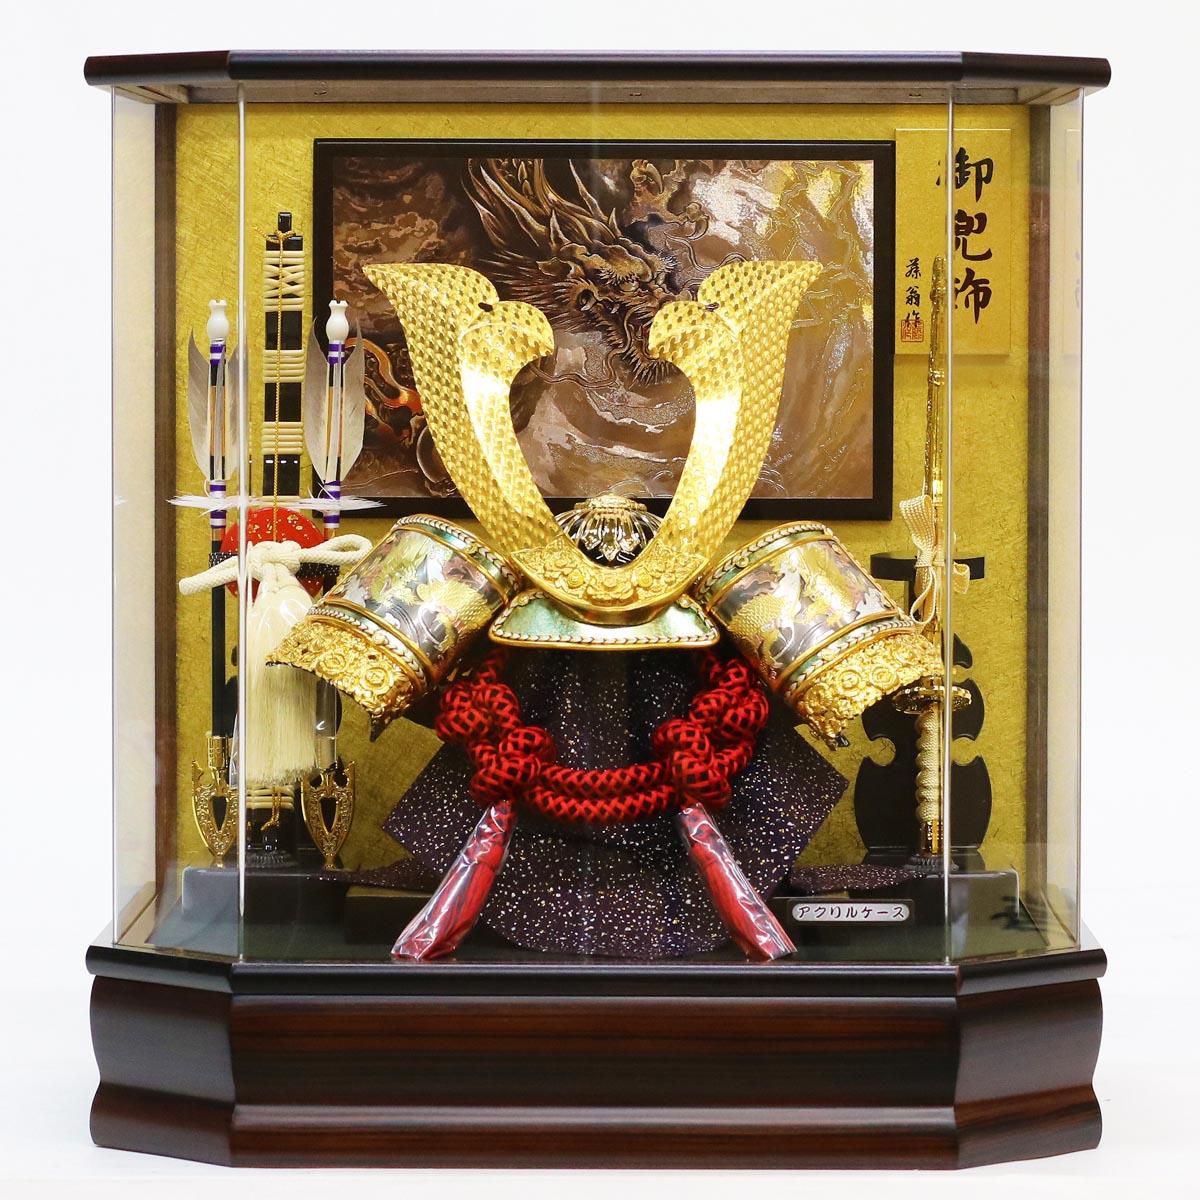 五月人形 藤翁 兜ケース飾り 六角寿宝 兜飾り アクリルケース飾り ≪GOFO-185-755MT≫コンパクト おしゃれ 兜ケース飾り アクリルケース飾り オルゴール付 兜 ケース飾り 五月人形